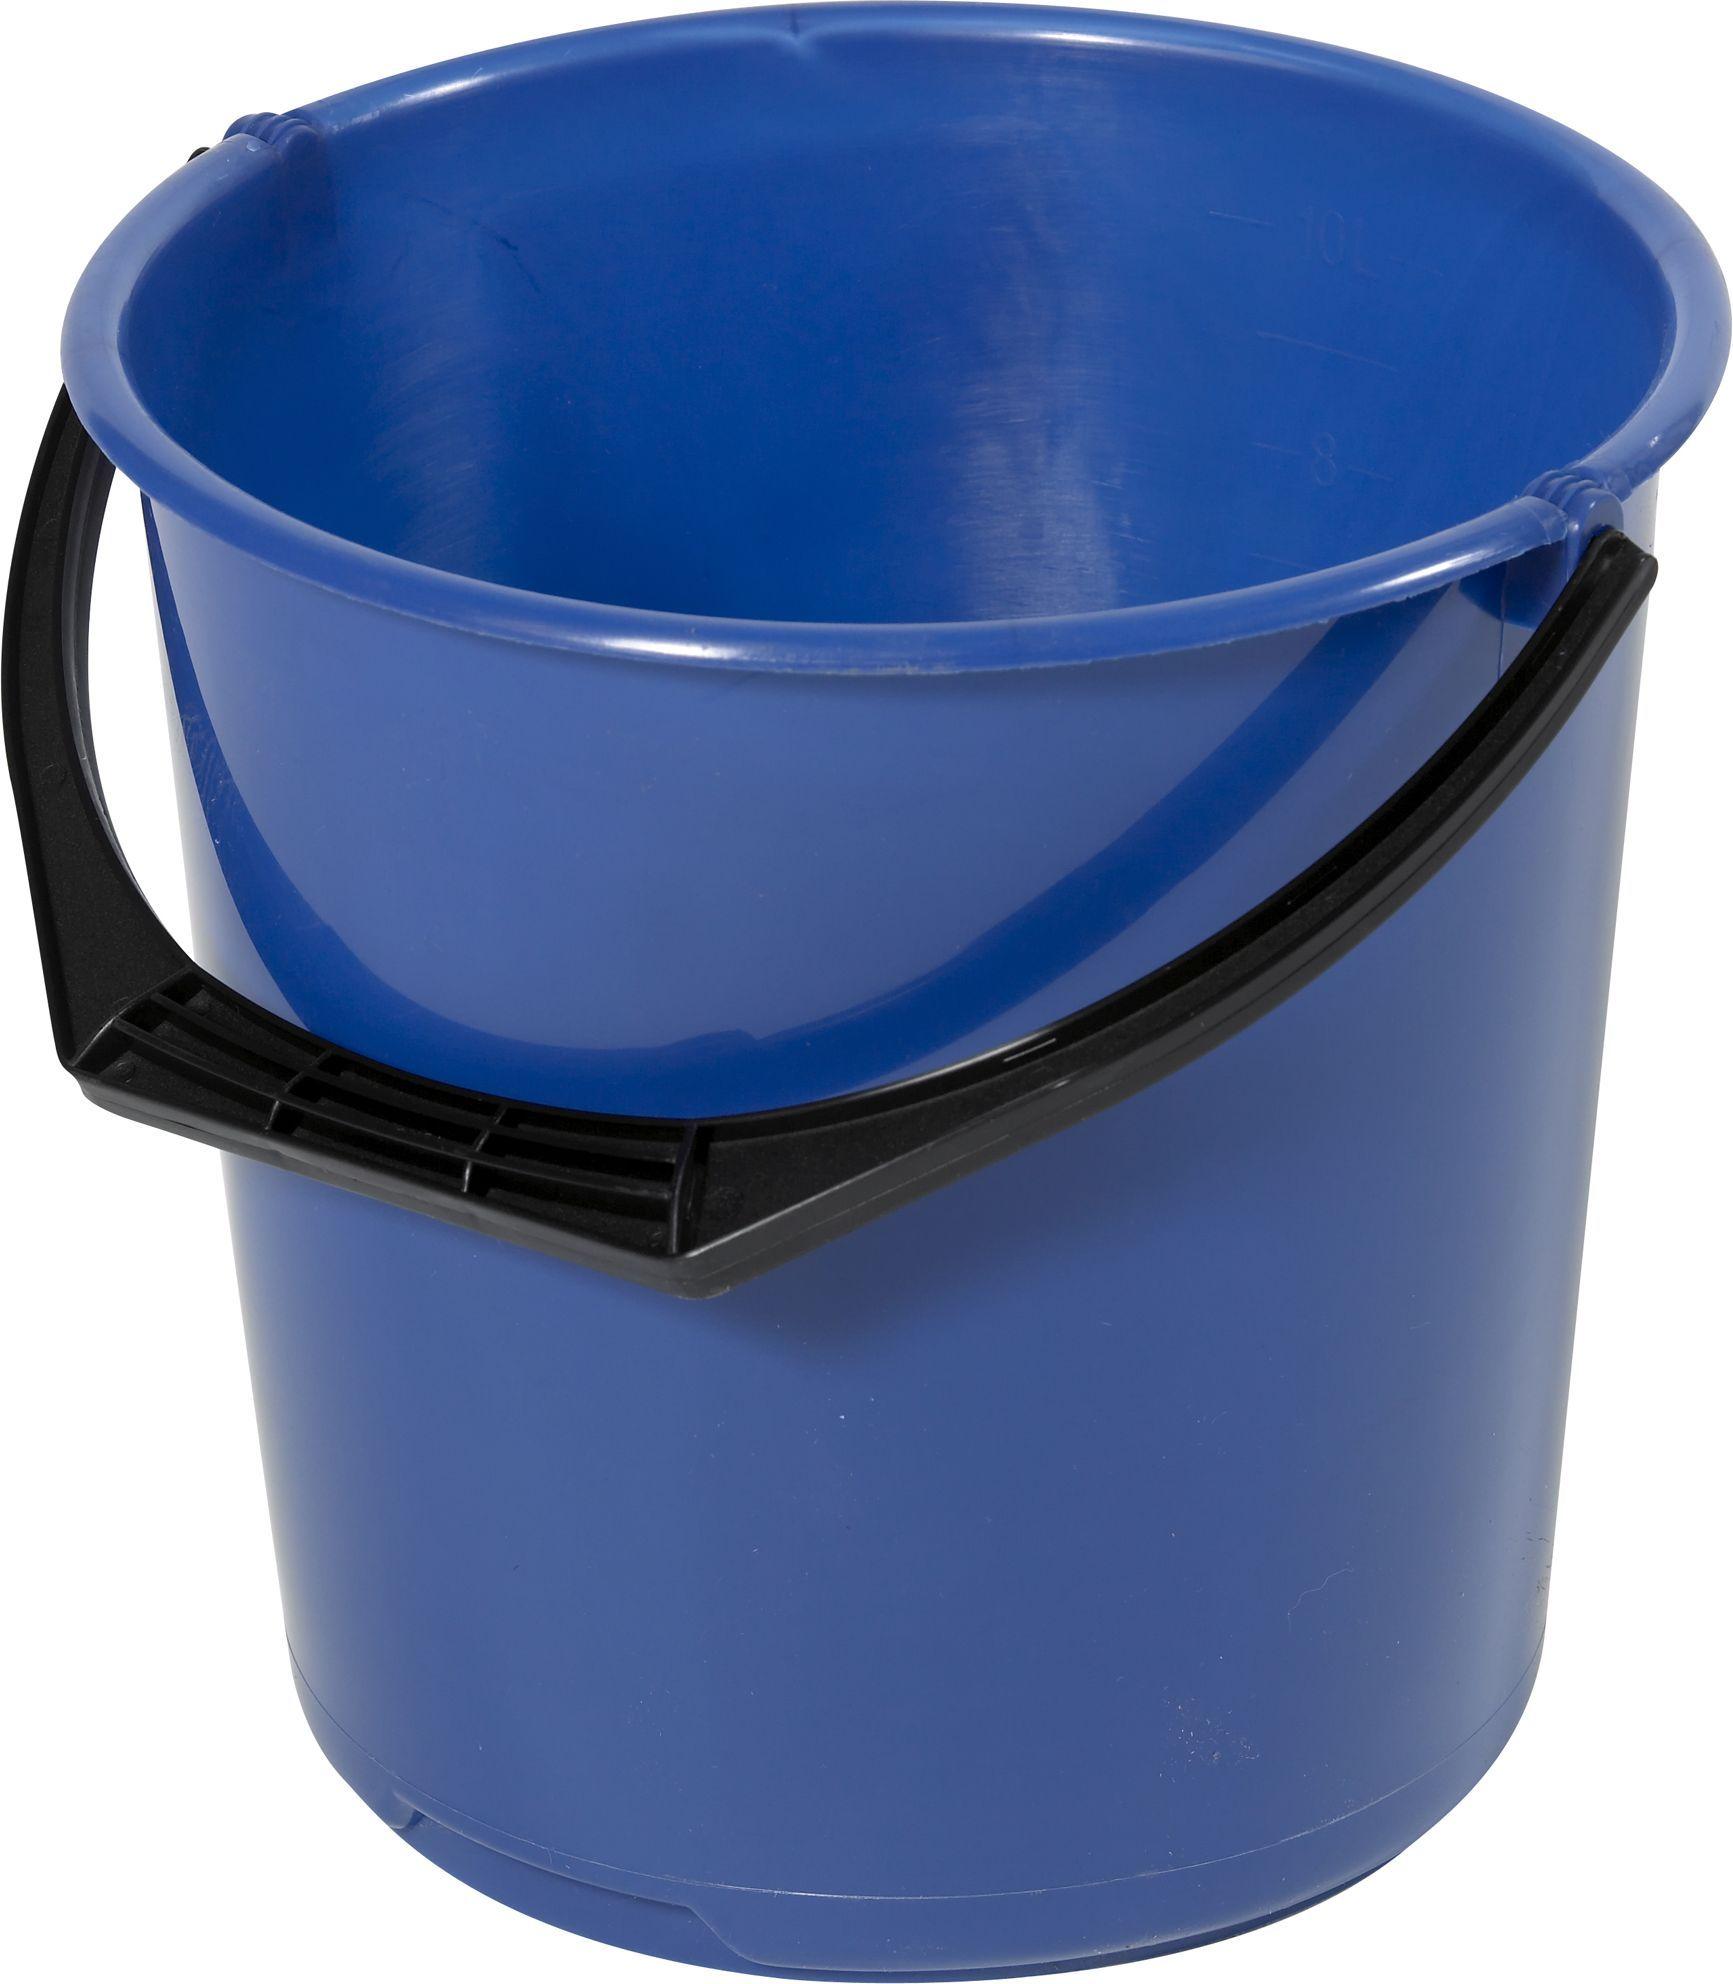 Bøtte plast 10L blå 11110600